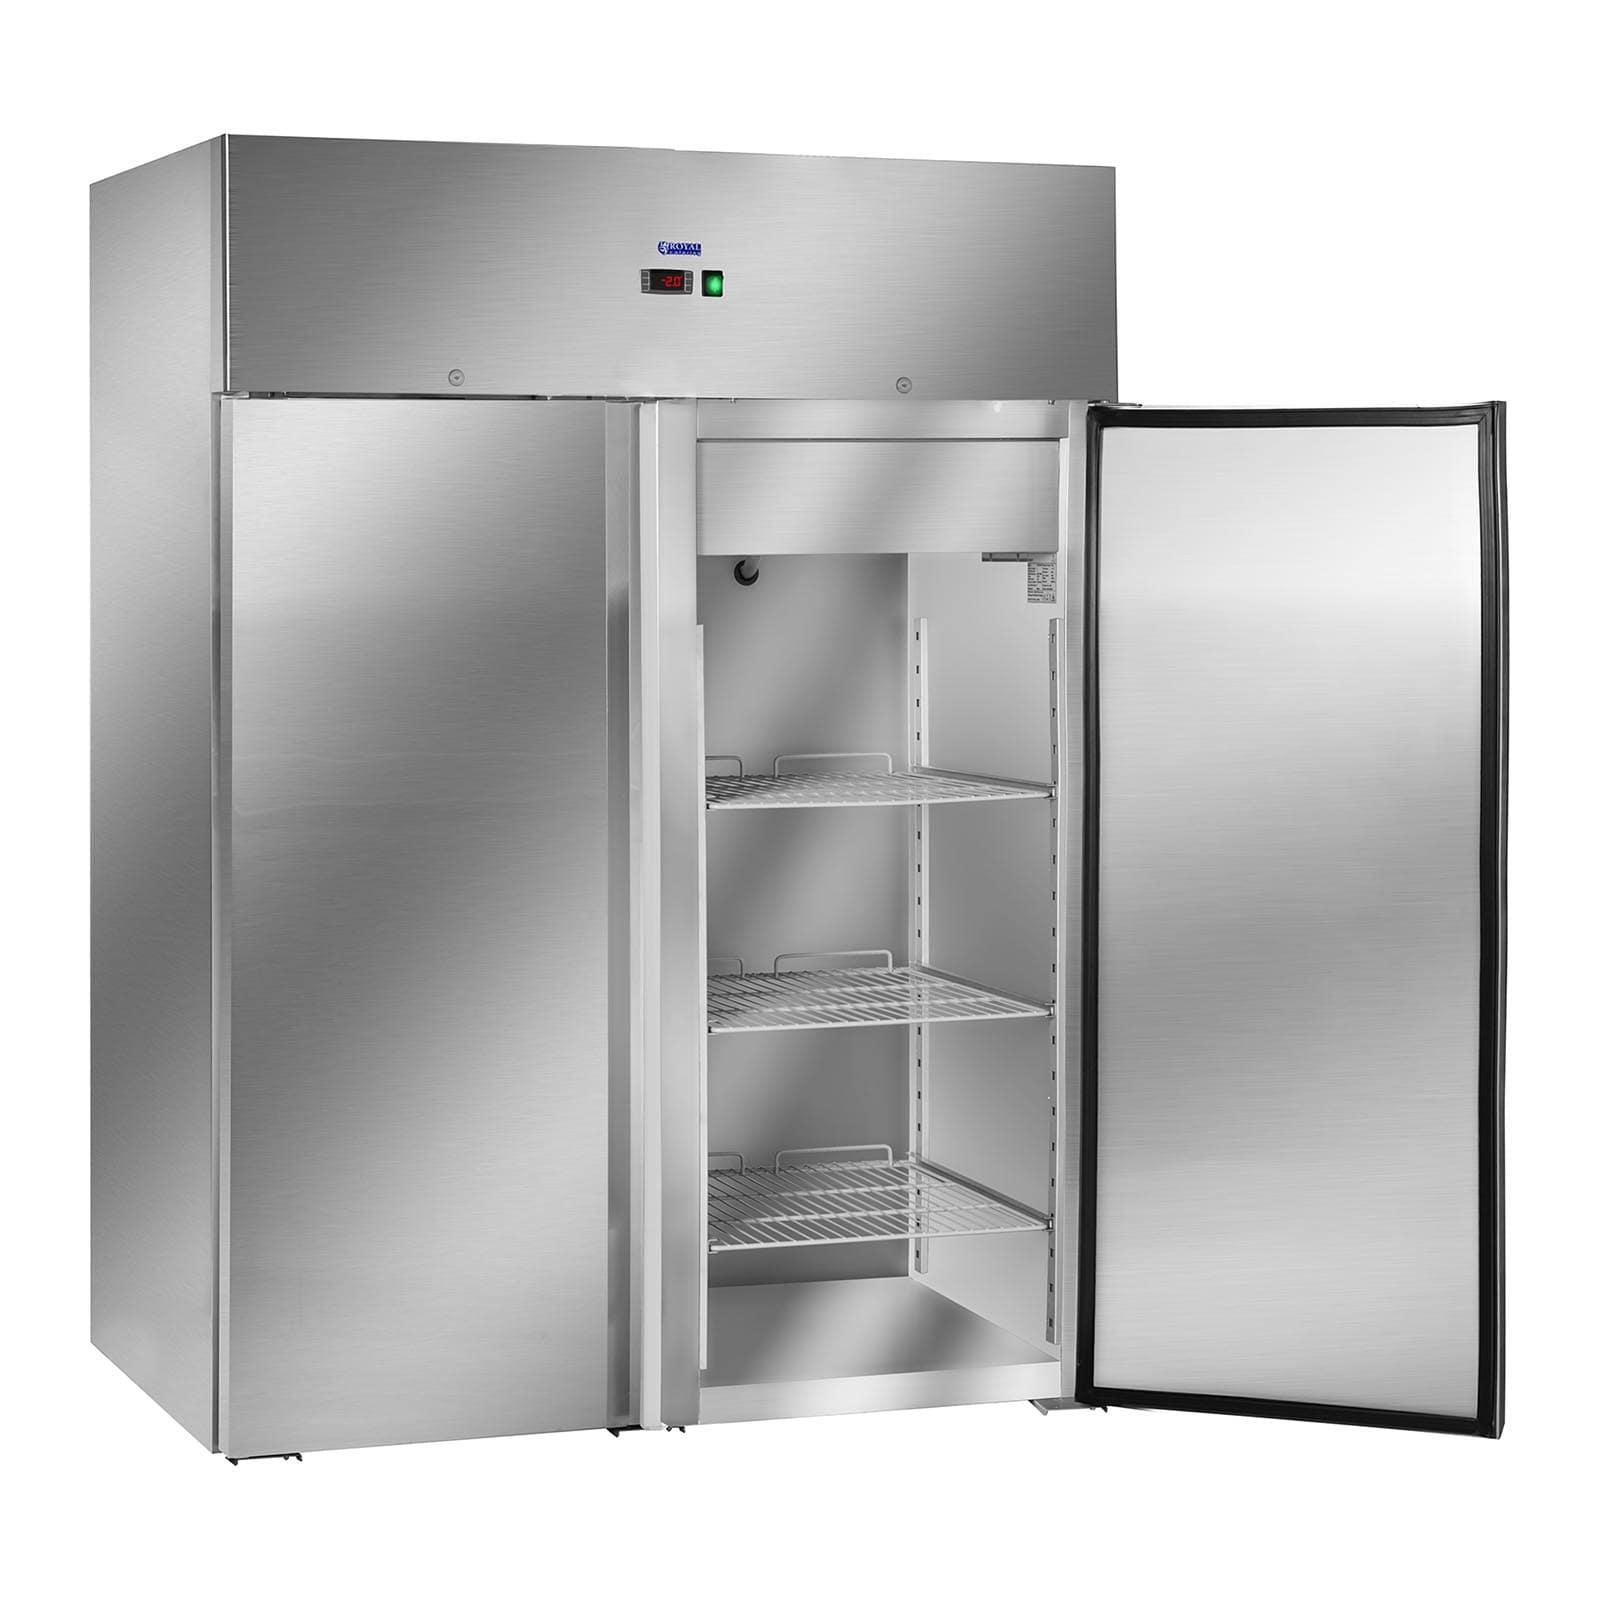 Ravintola-jääkaappi